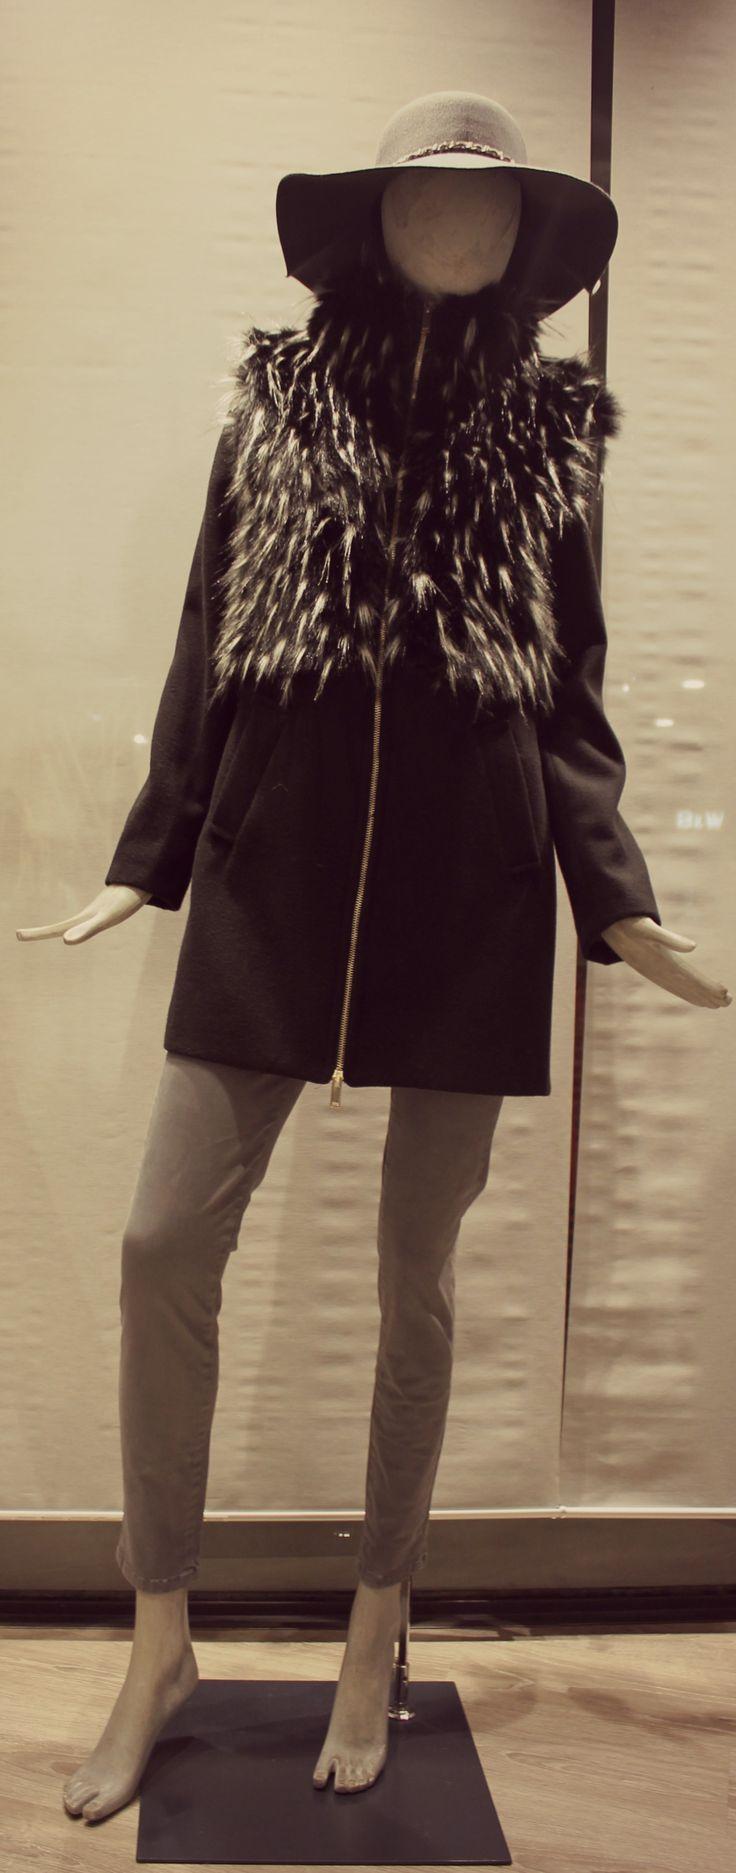 Cappotto con inserti di pelliccia.  #White #moda #modadonna #winter2015 #abbigliamento #fashion #womanswear #arzignano #look #outfit #fashion